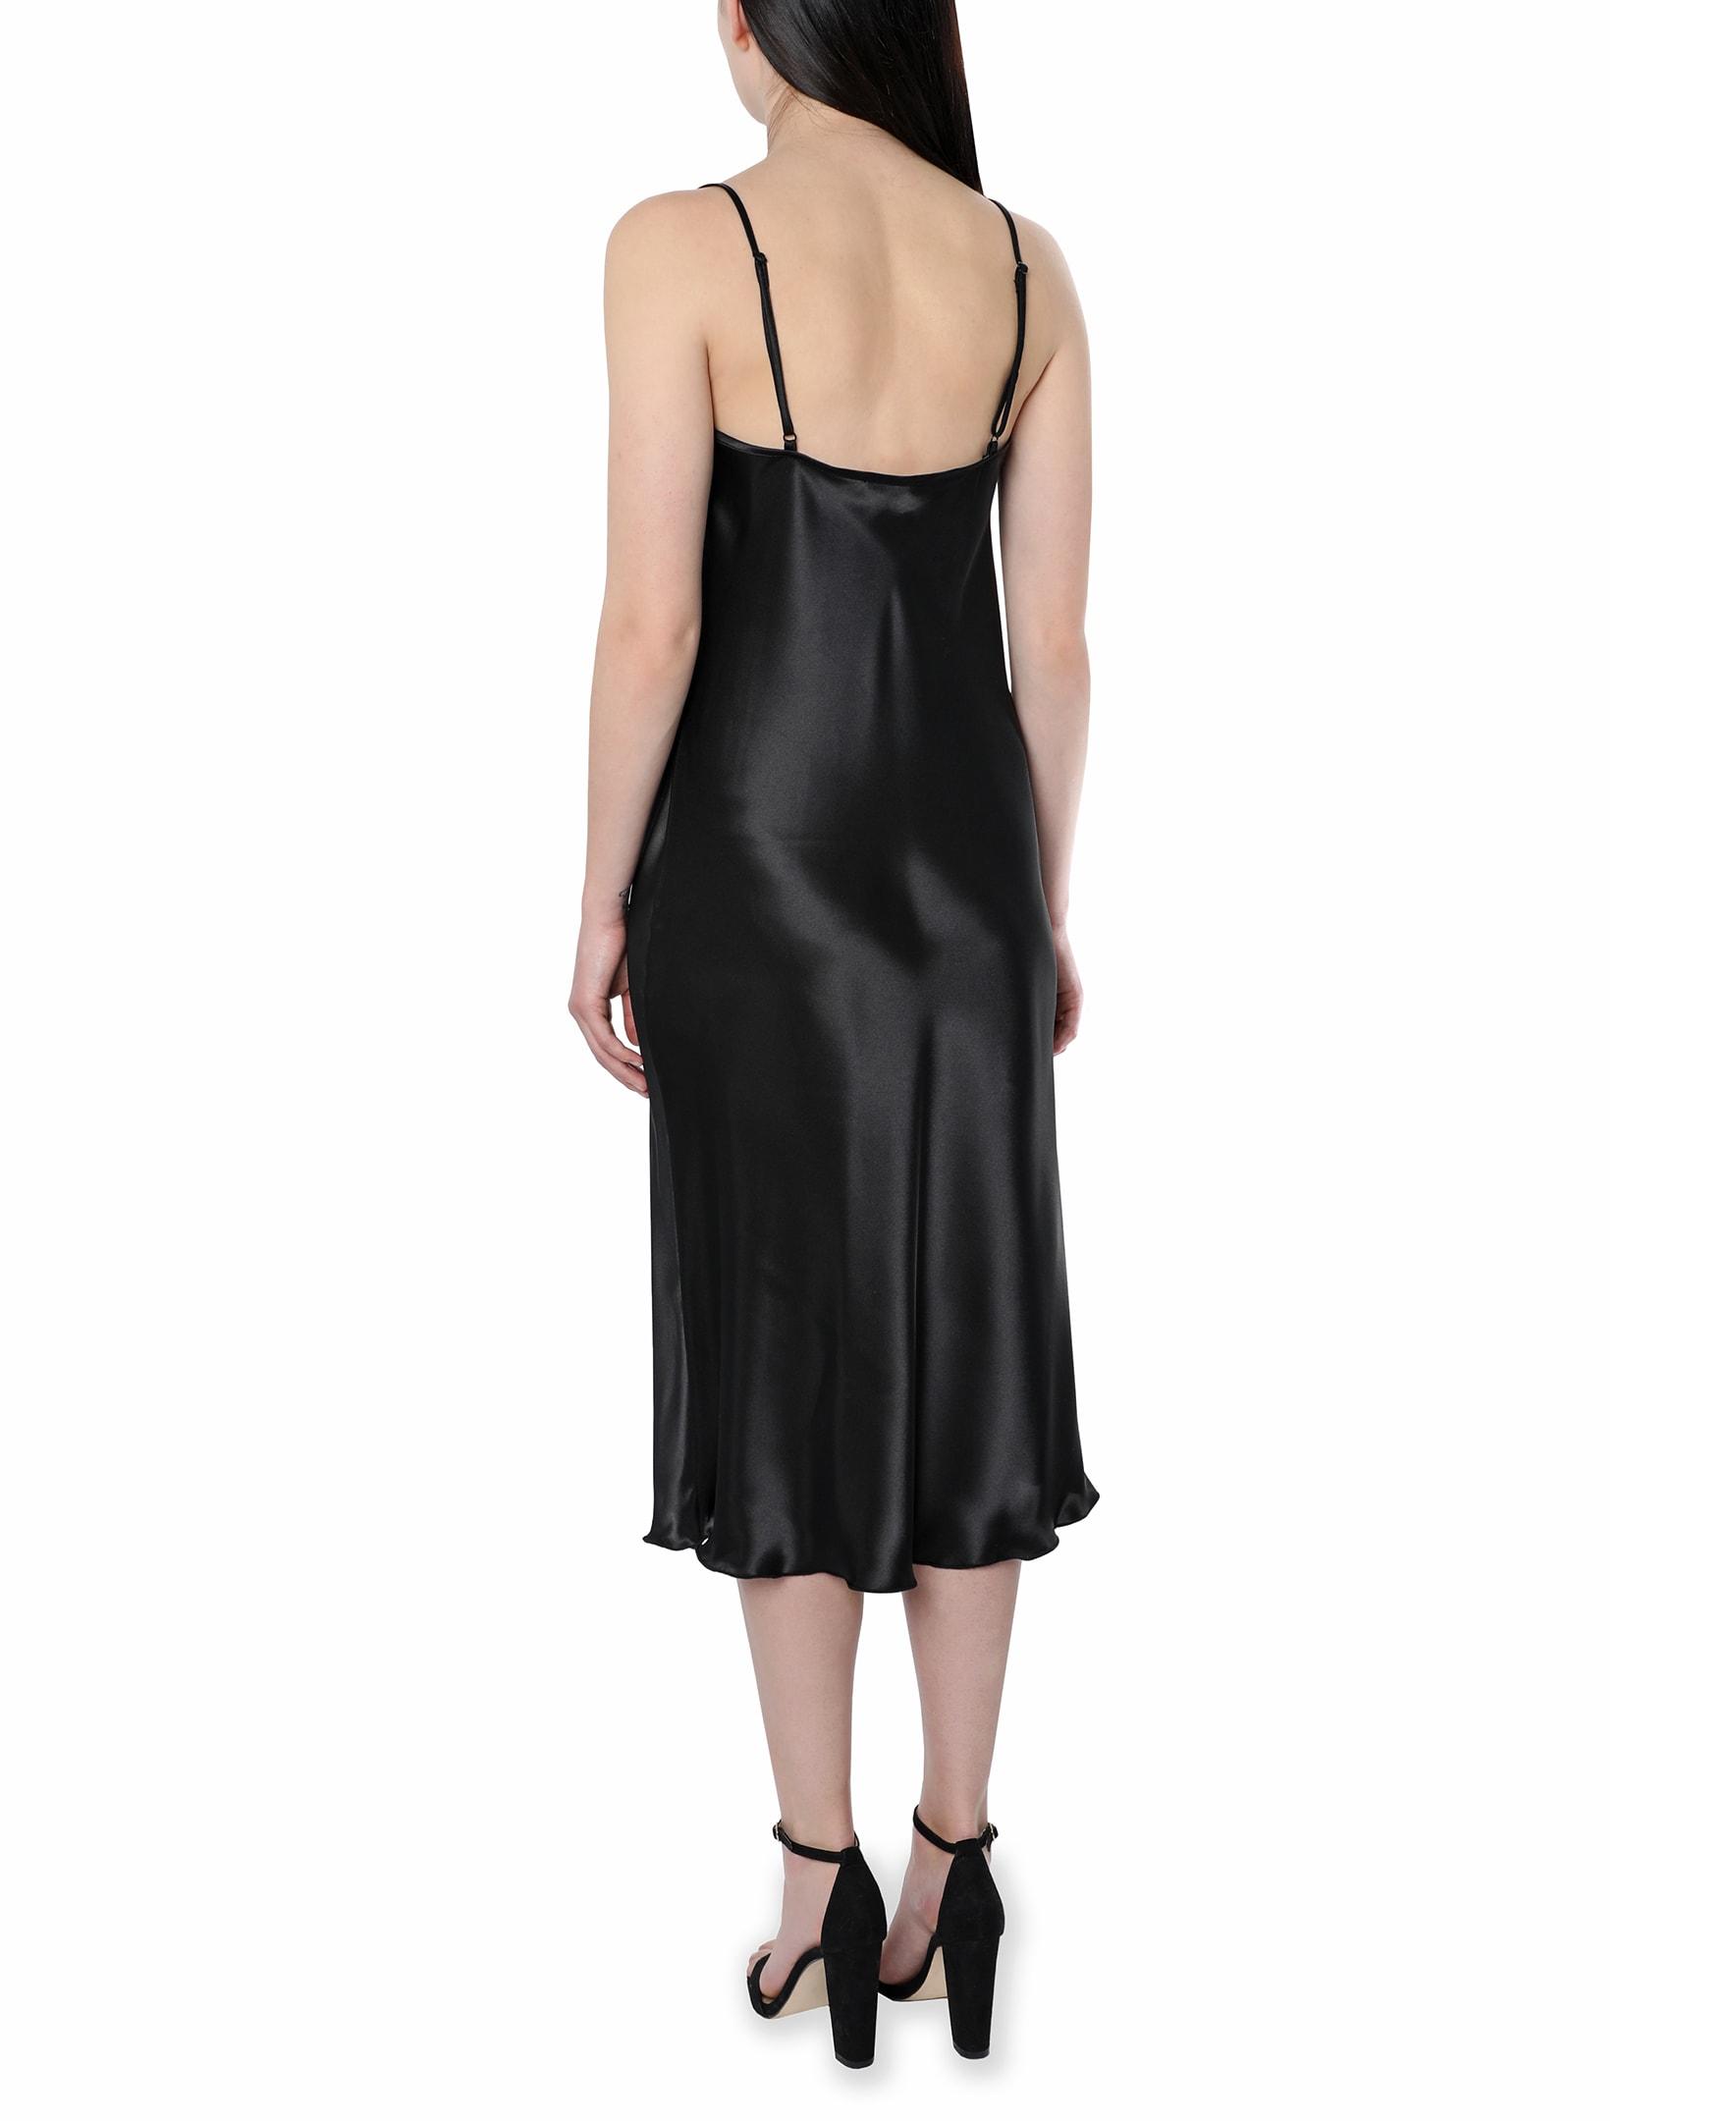 Bebe Satin Midi Dress - black - Back